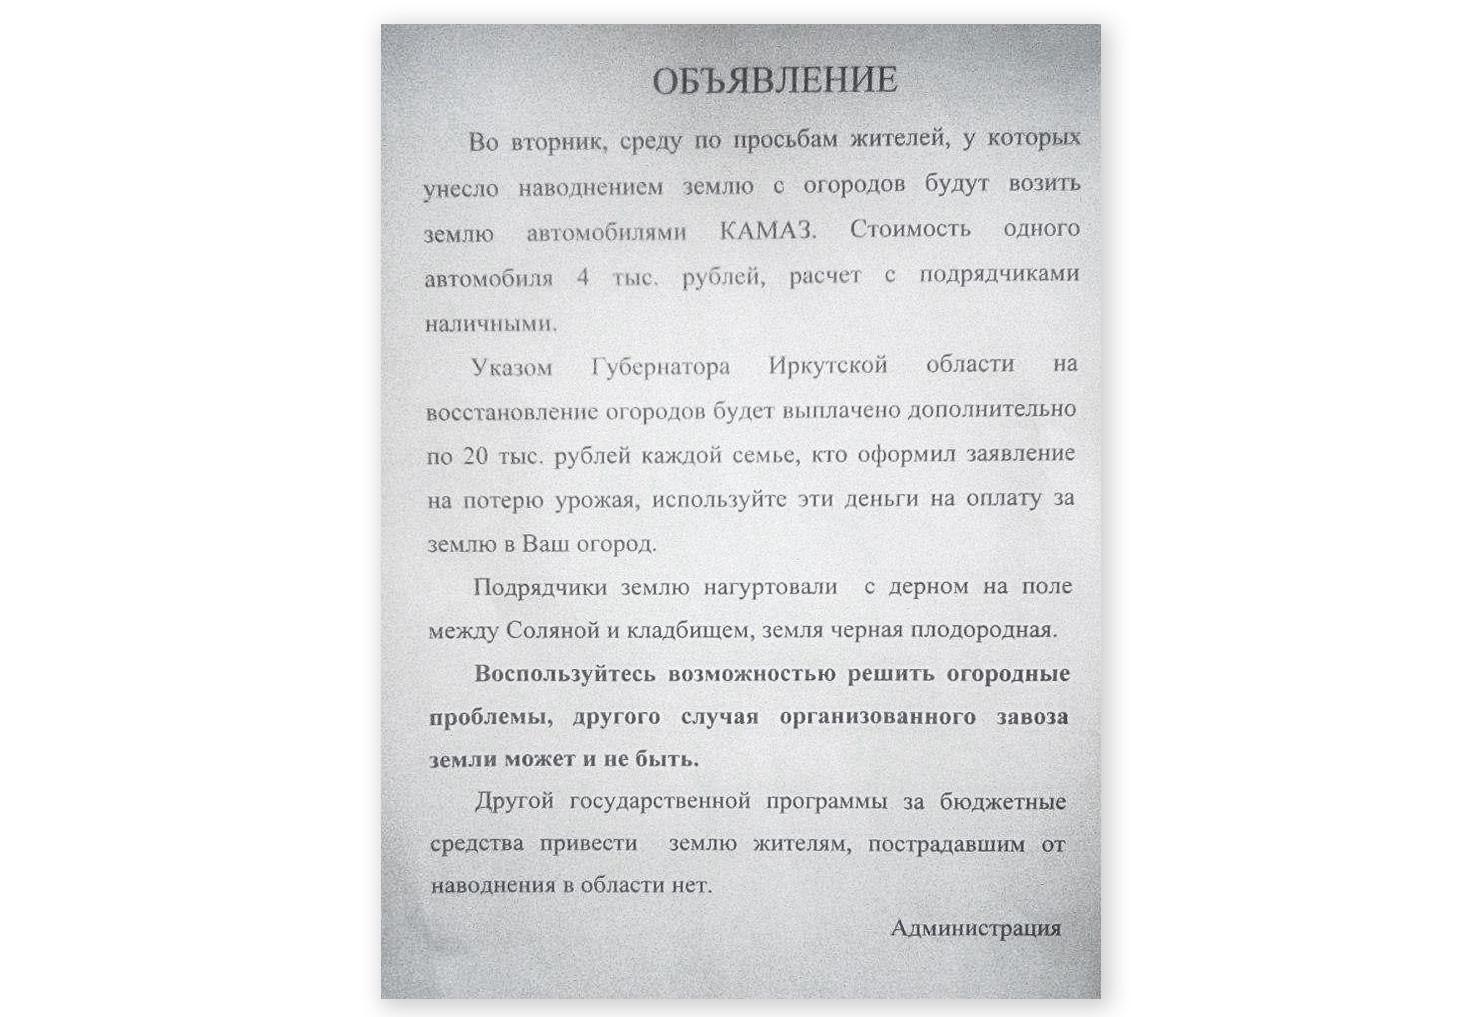 Копия предложения предоставлена Лайфу.